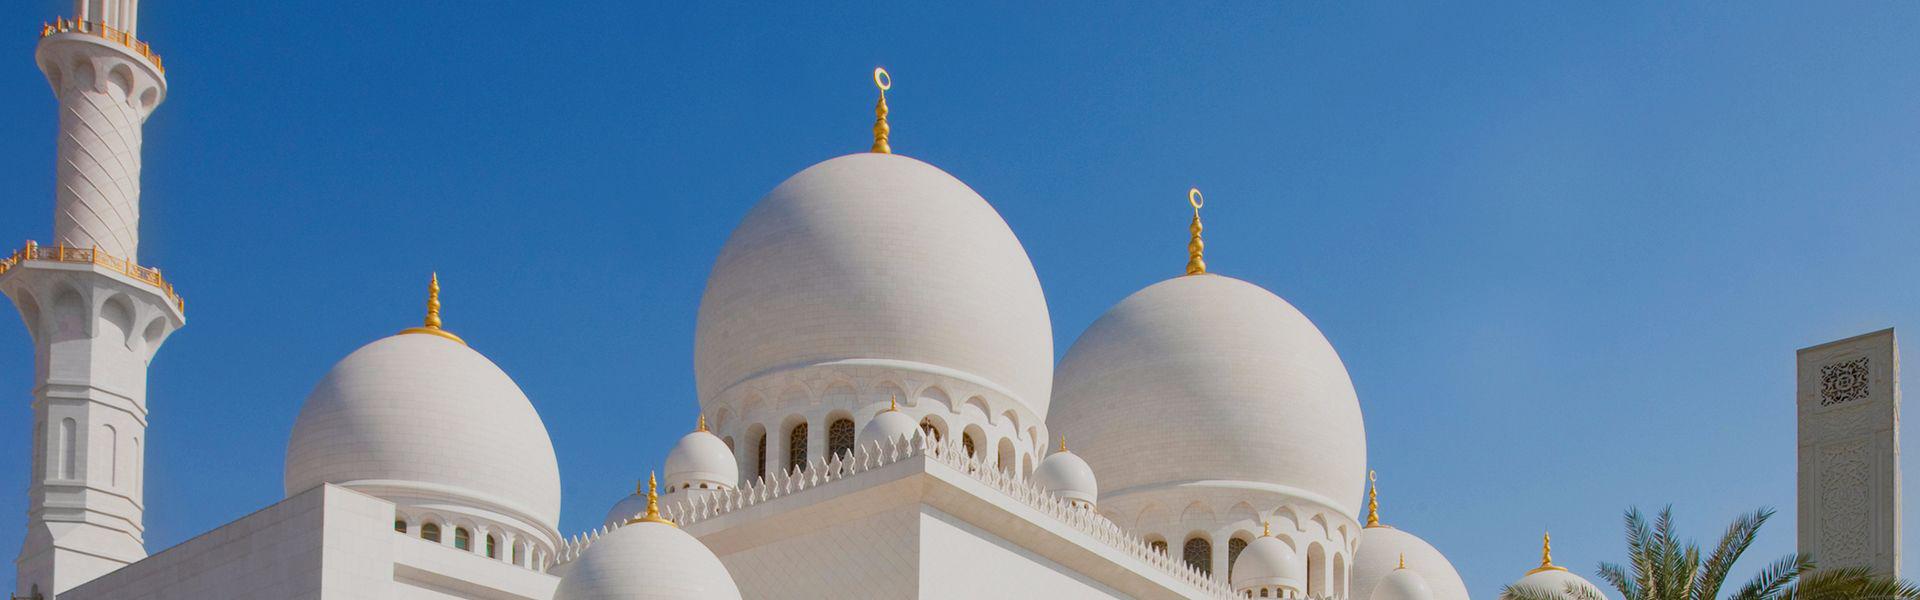 Kuppeln der Scheich-Zayid-Moschee